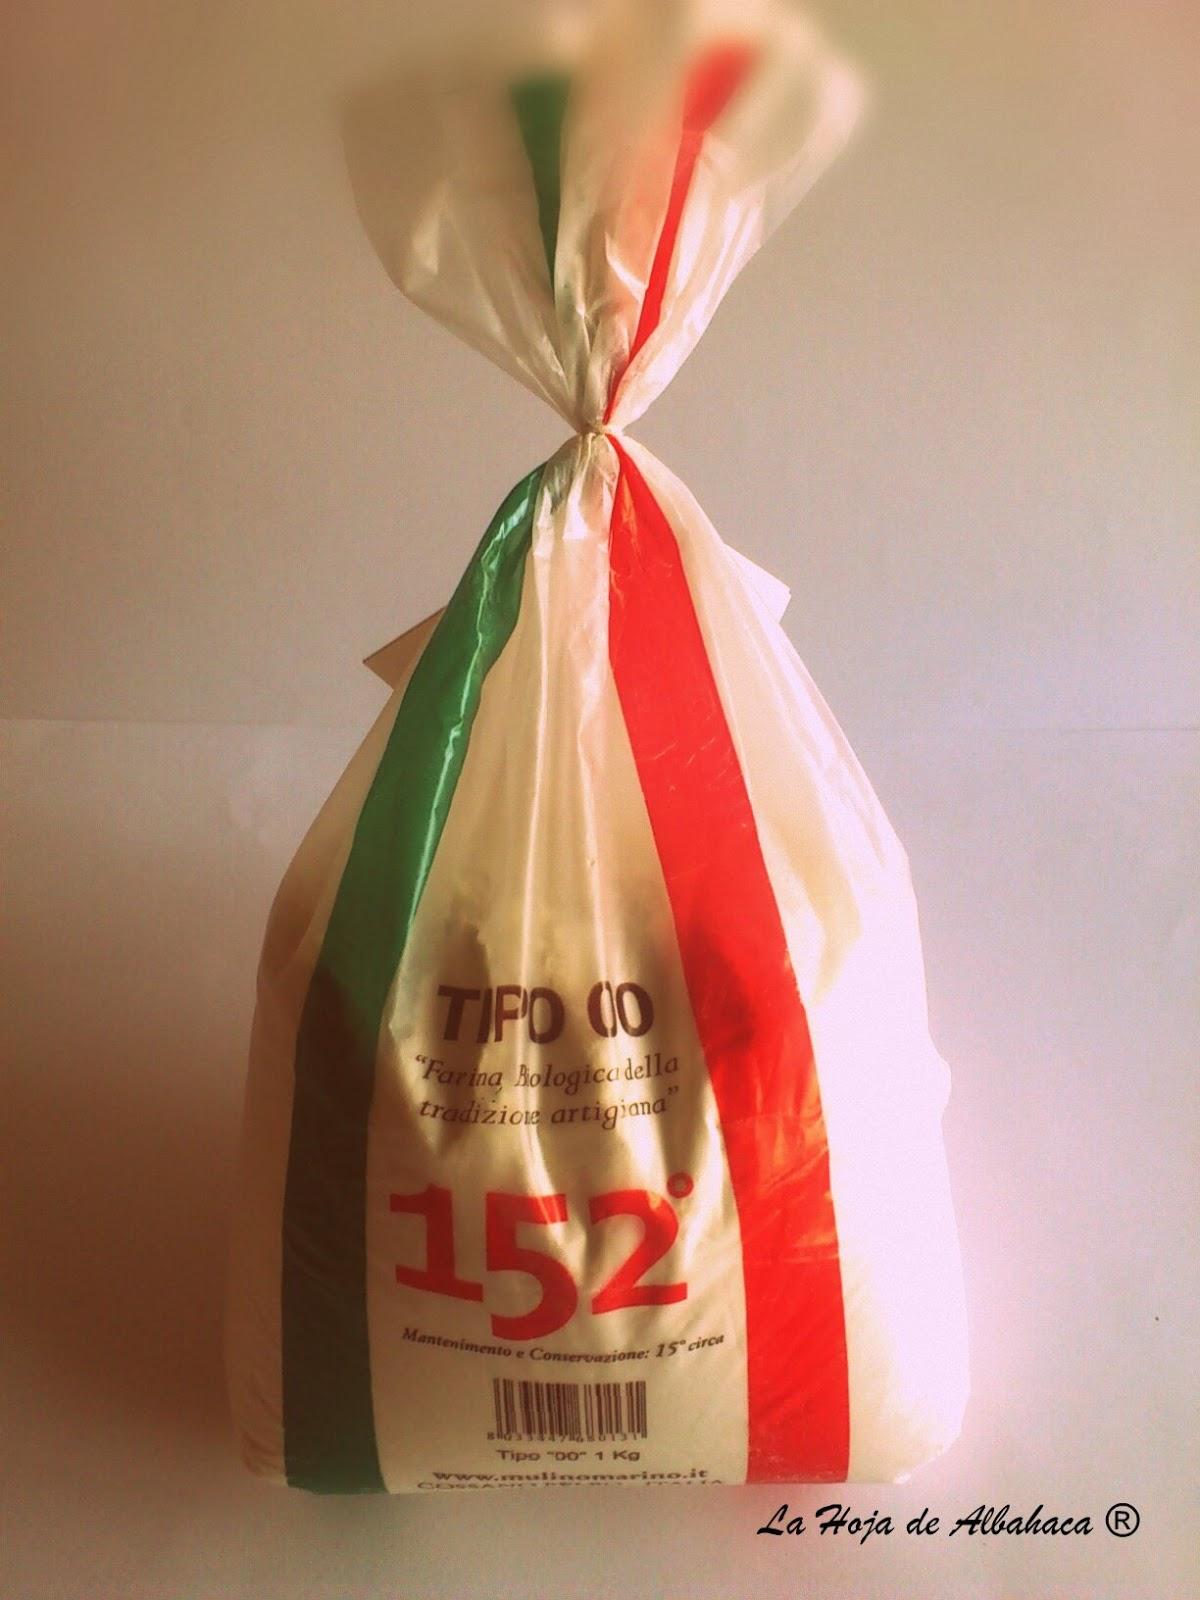 Harina Ecológica, harina 00, harina 0, mulino marino, harina para pizza